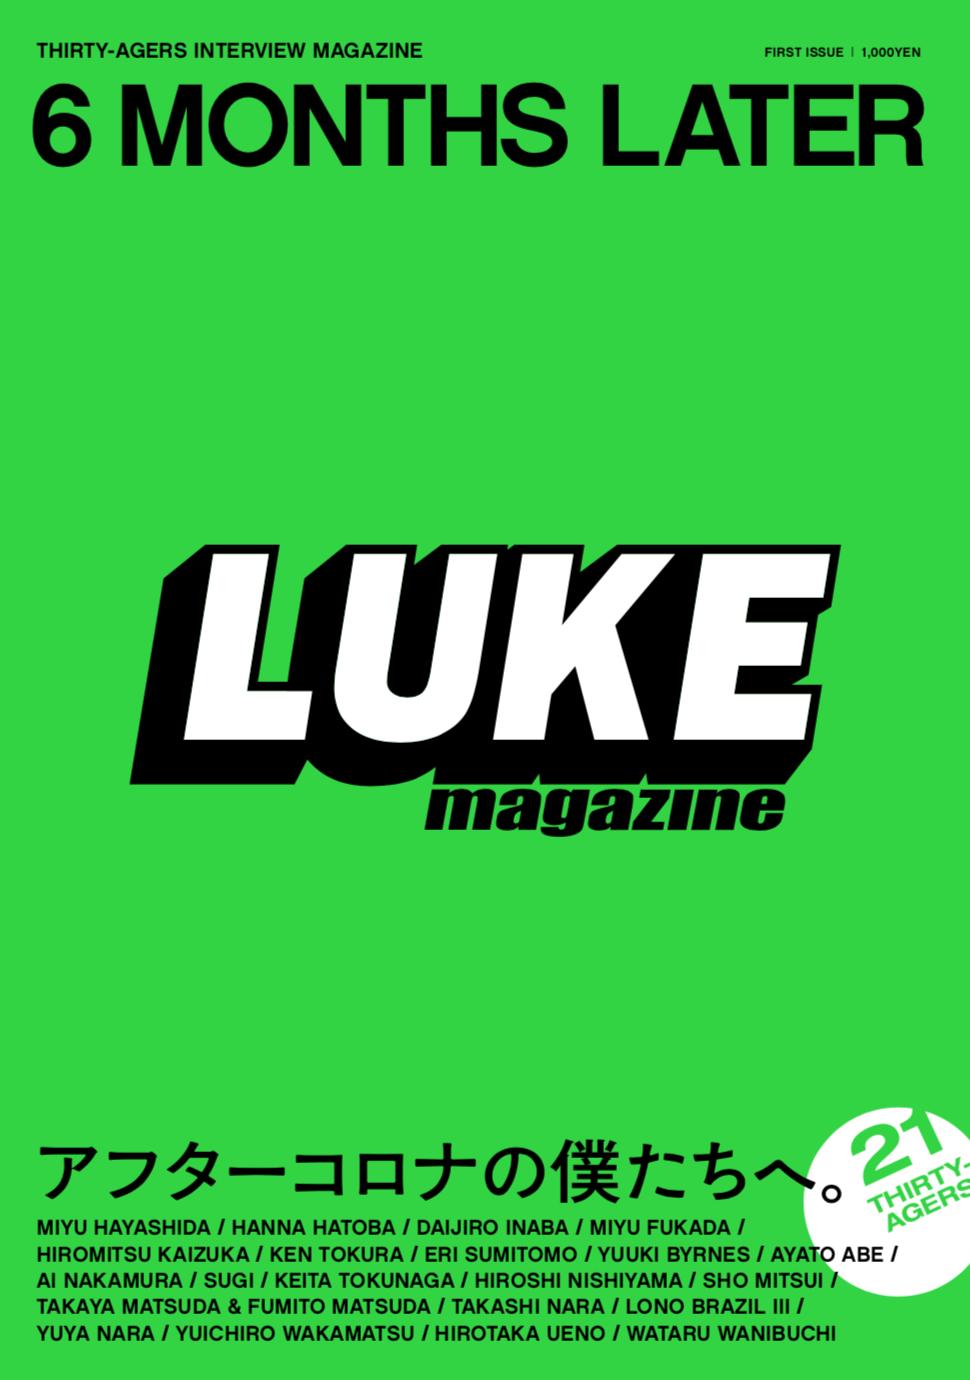 7/3発売記念トークイベント開催!